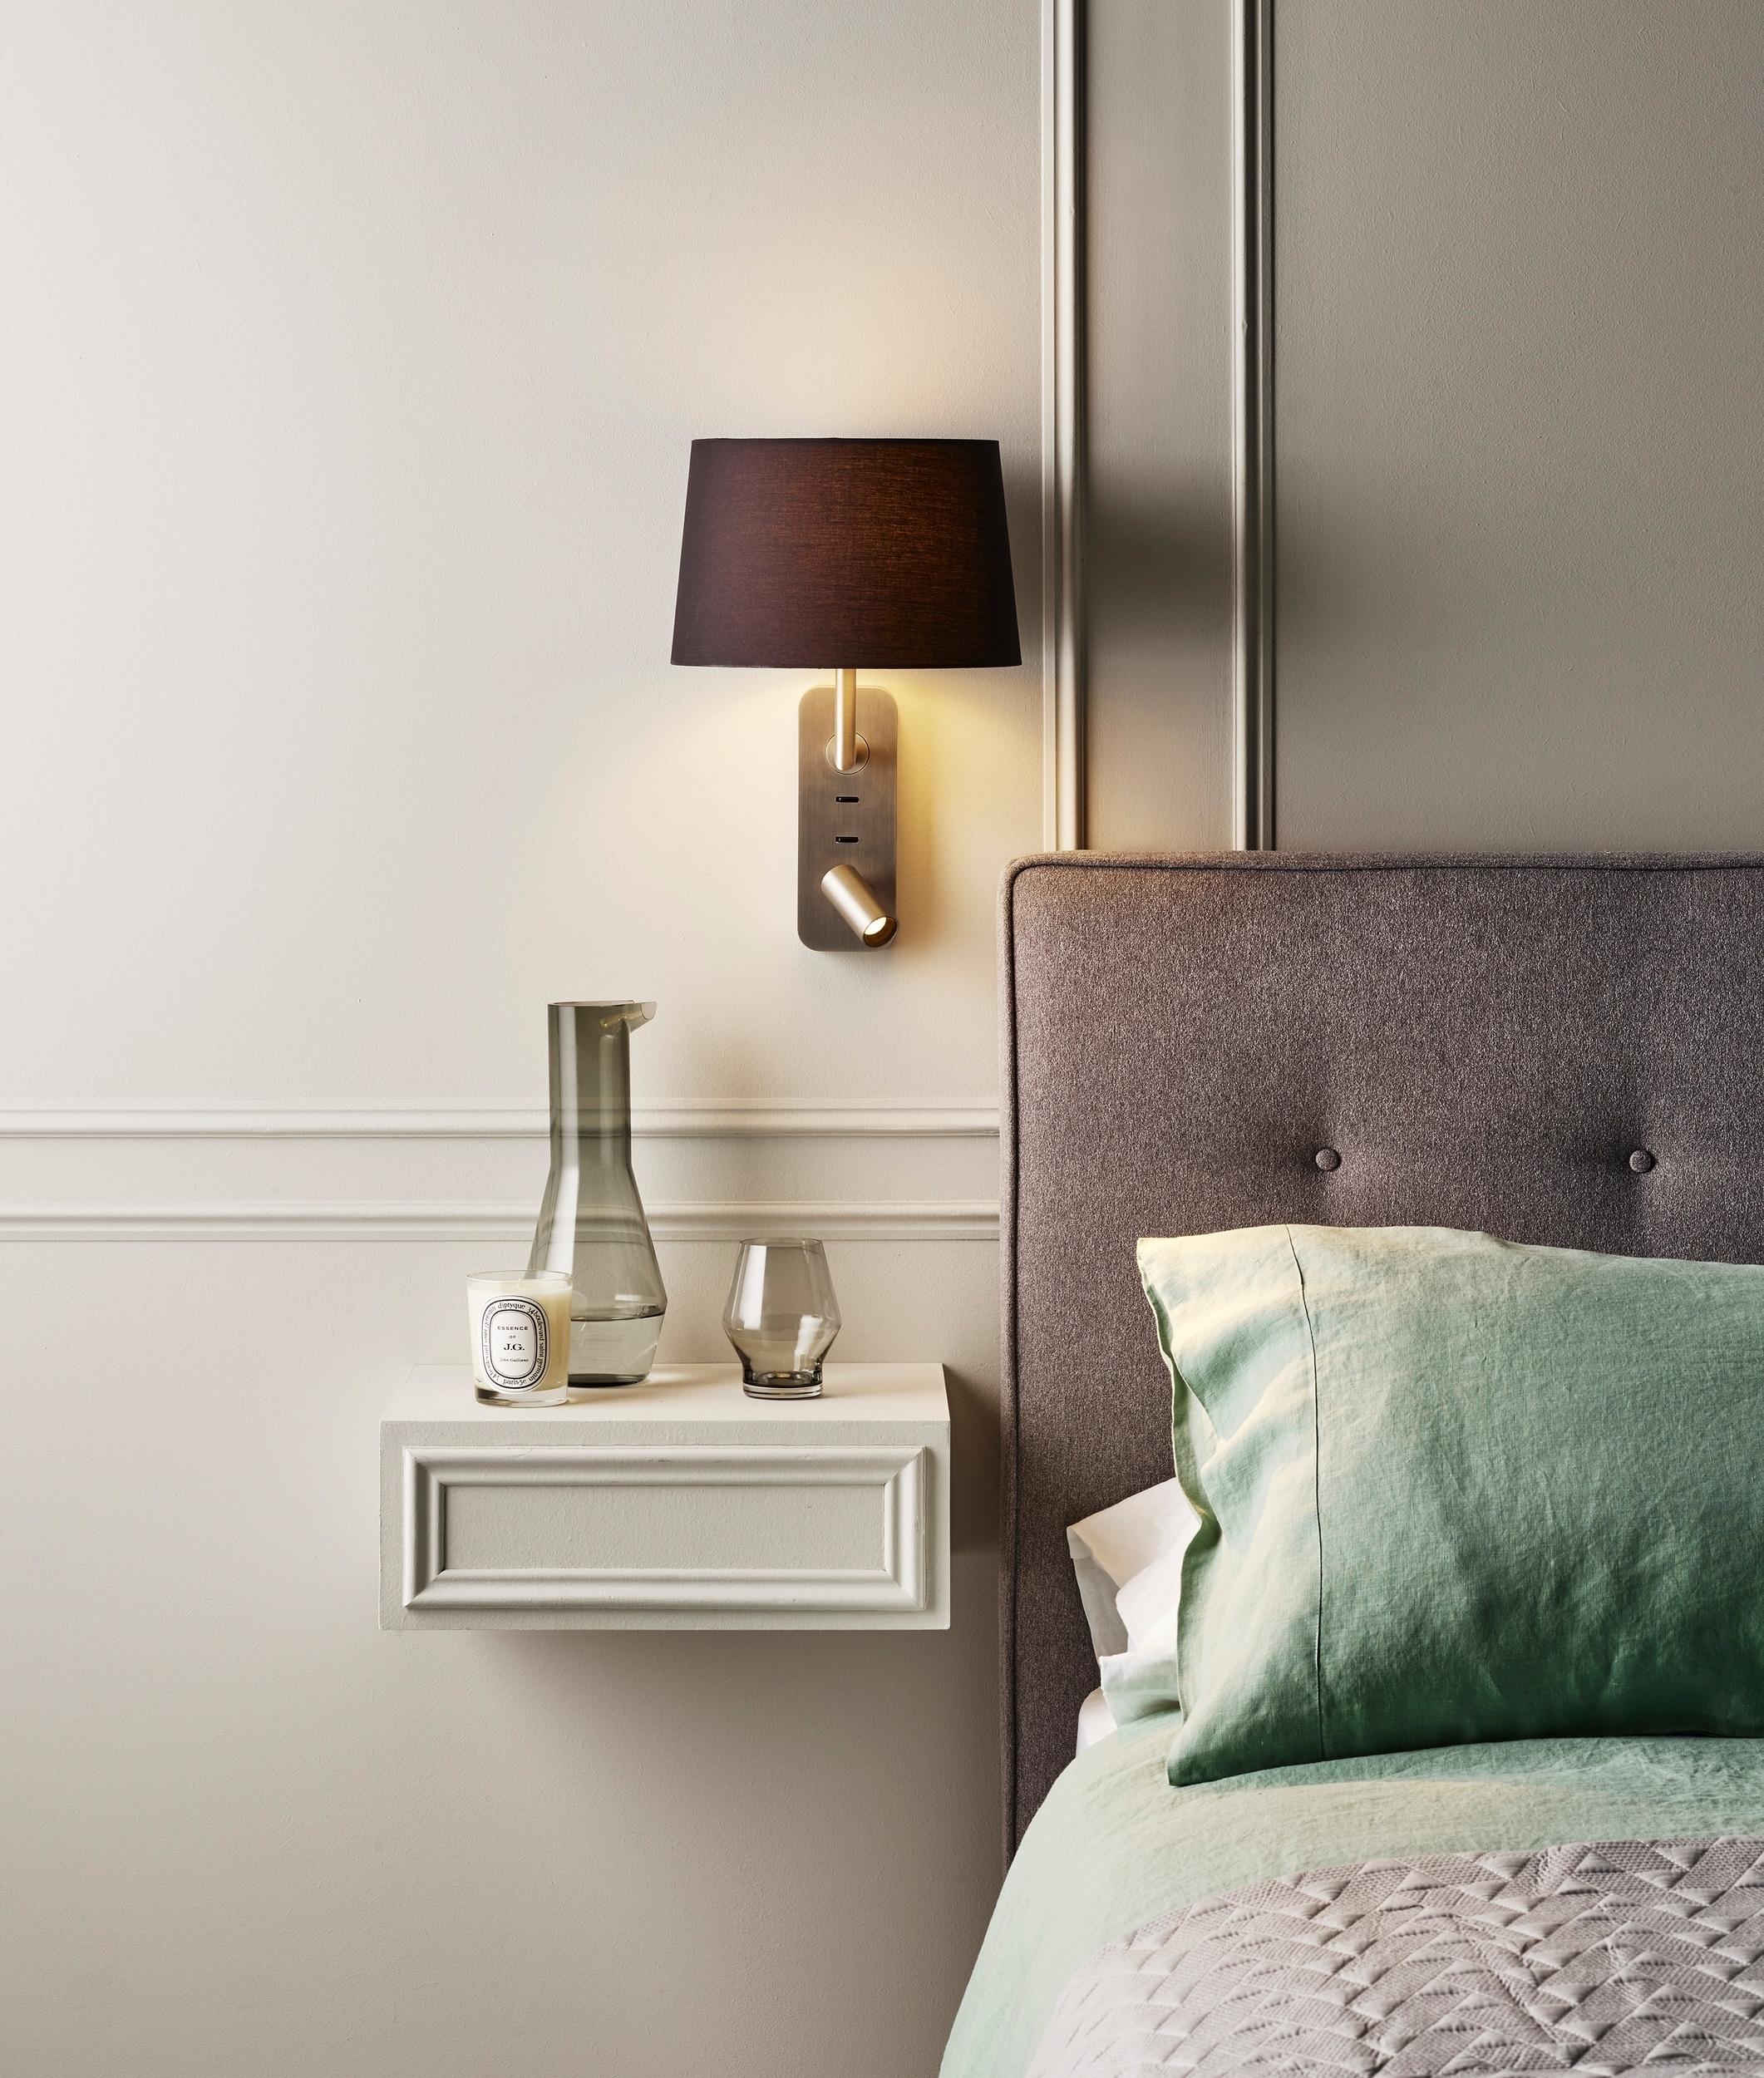 Bedside Light with Shade & Adjustable LED Spot Light